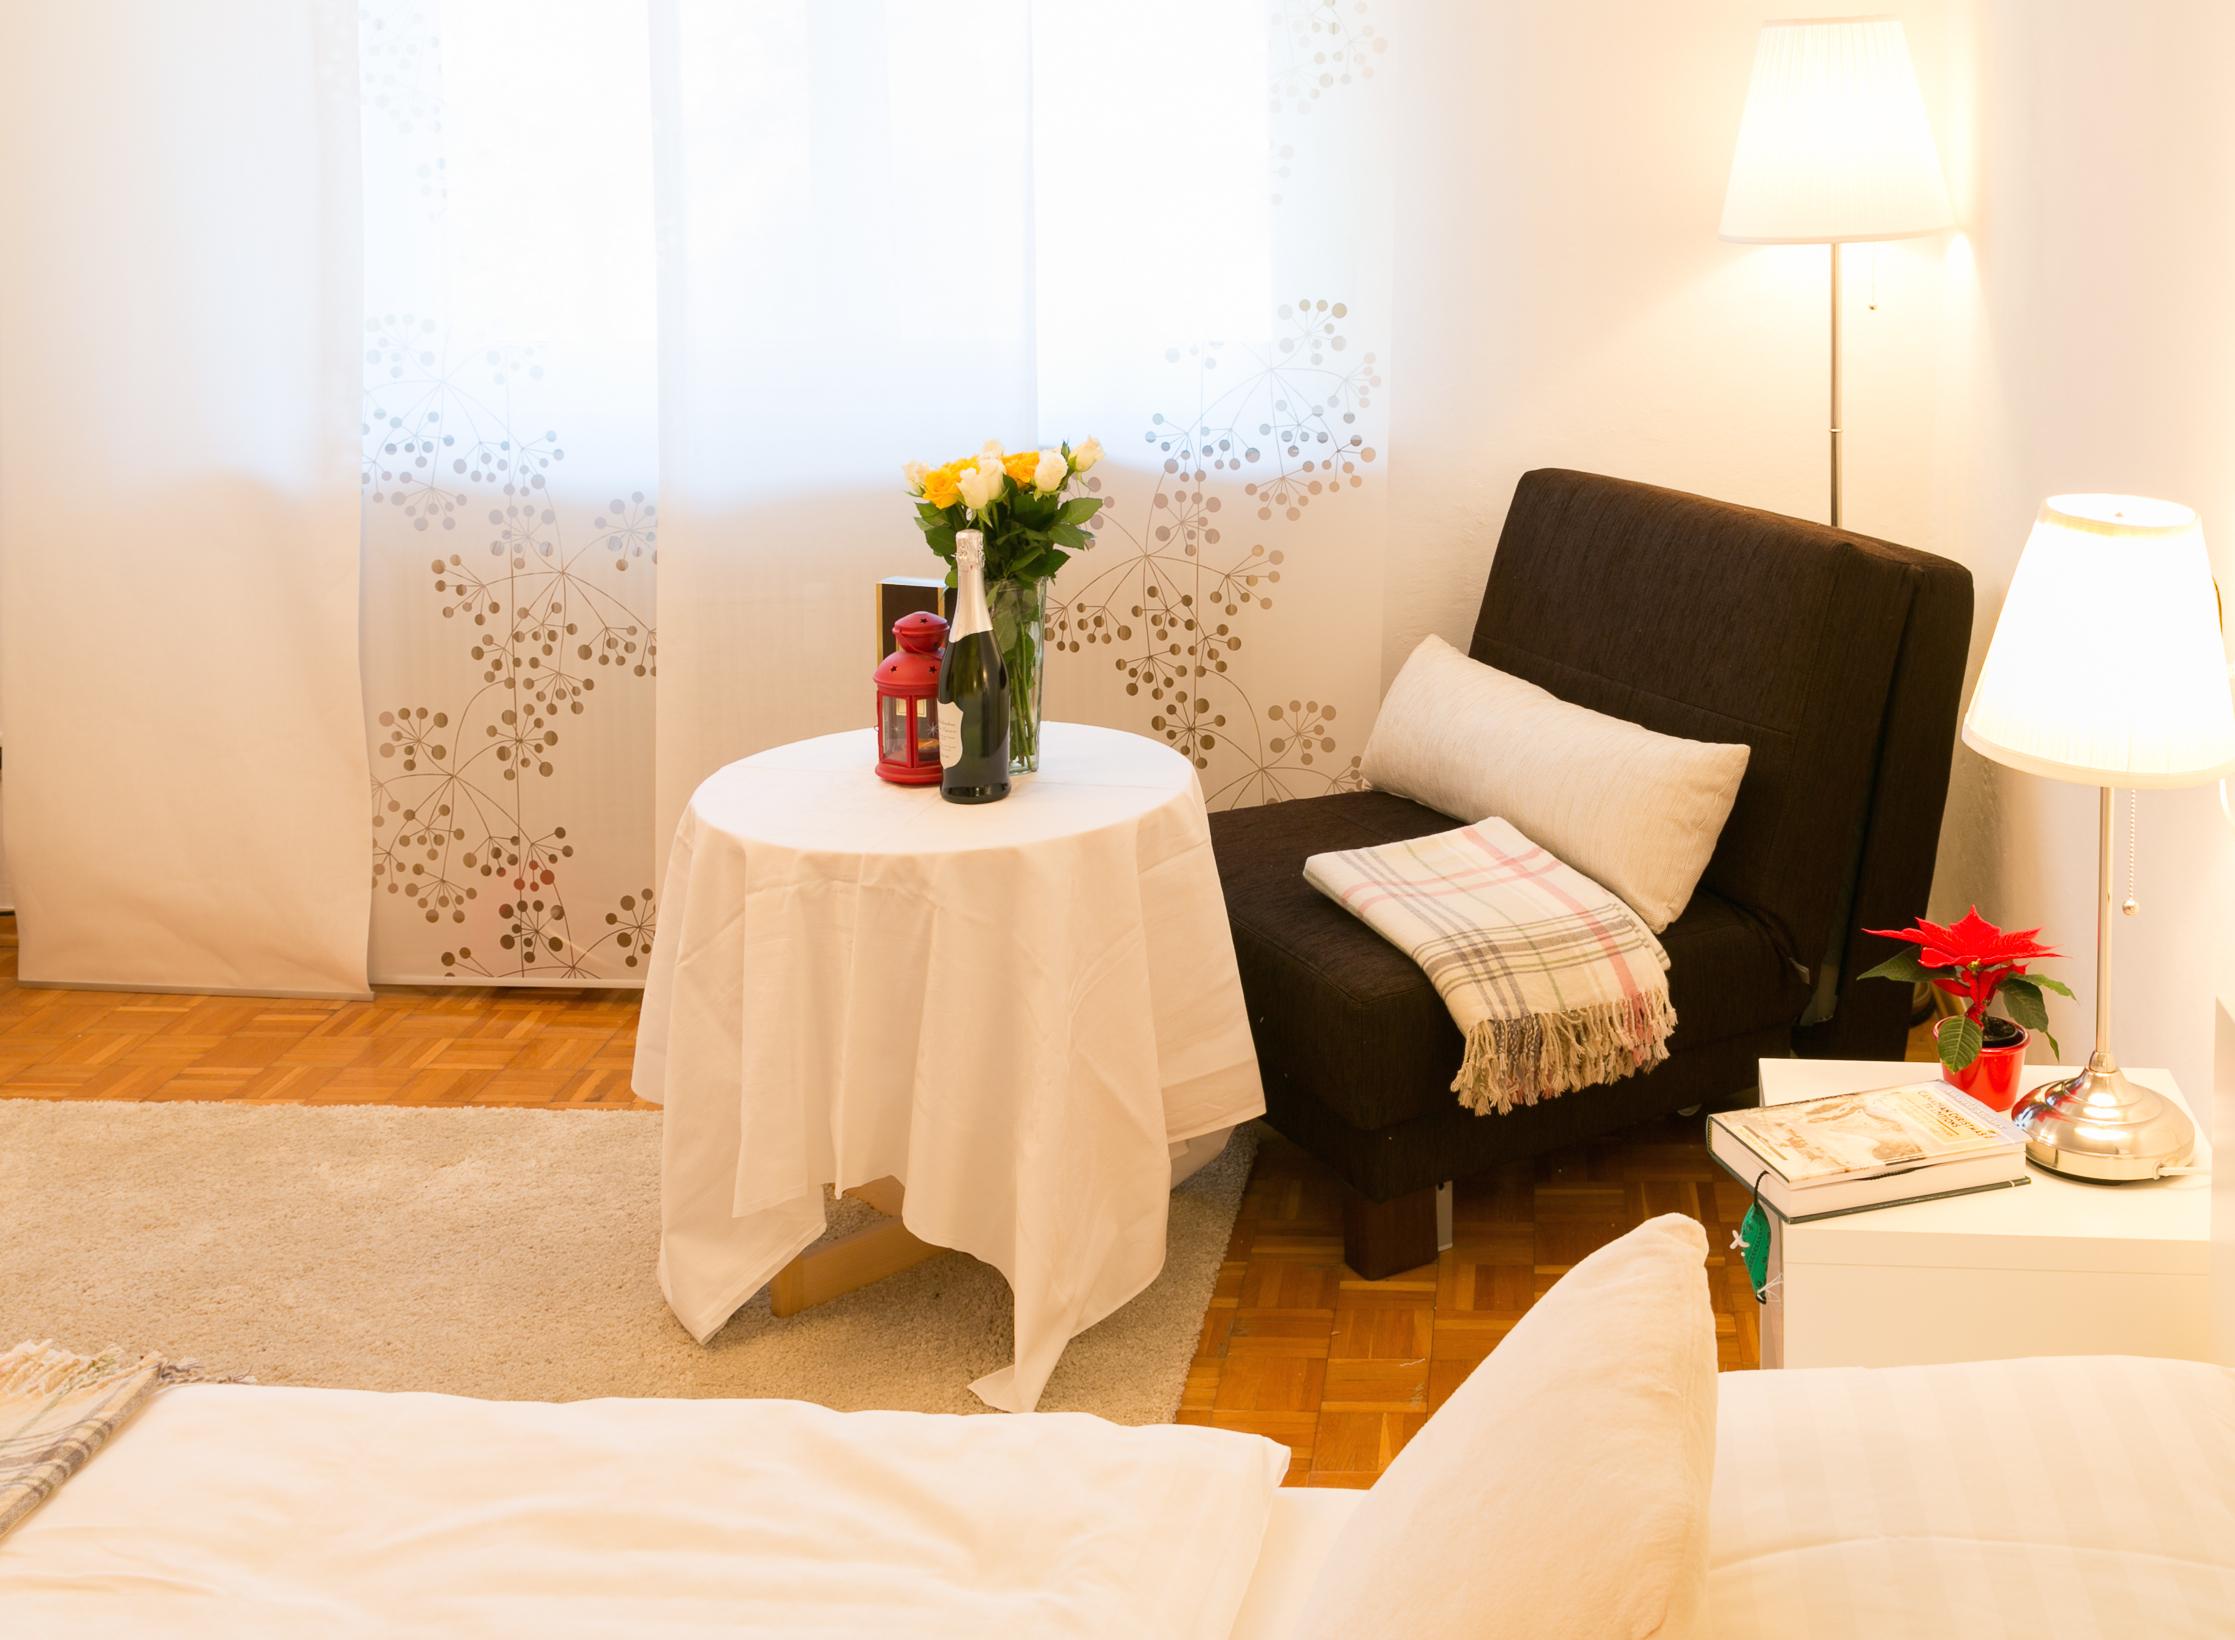 Wohnbereich mit Sofa-Stuhl